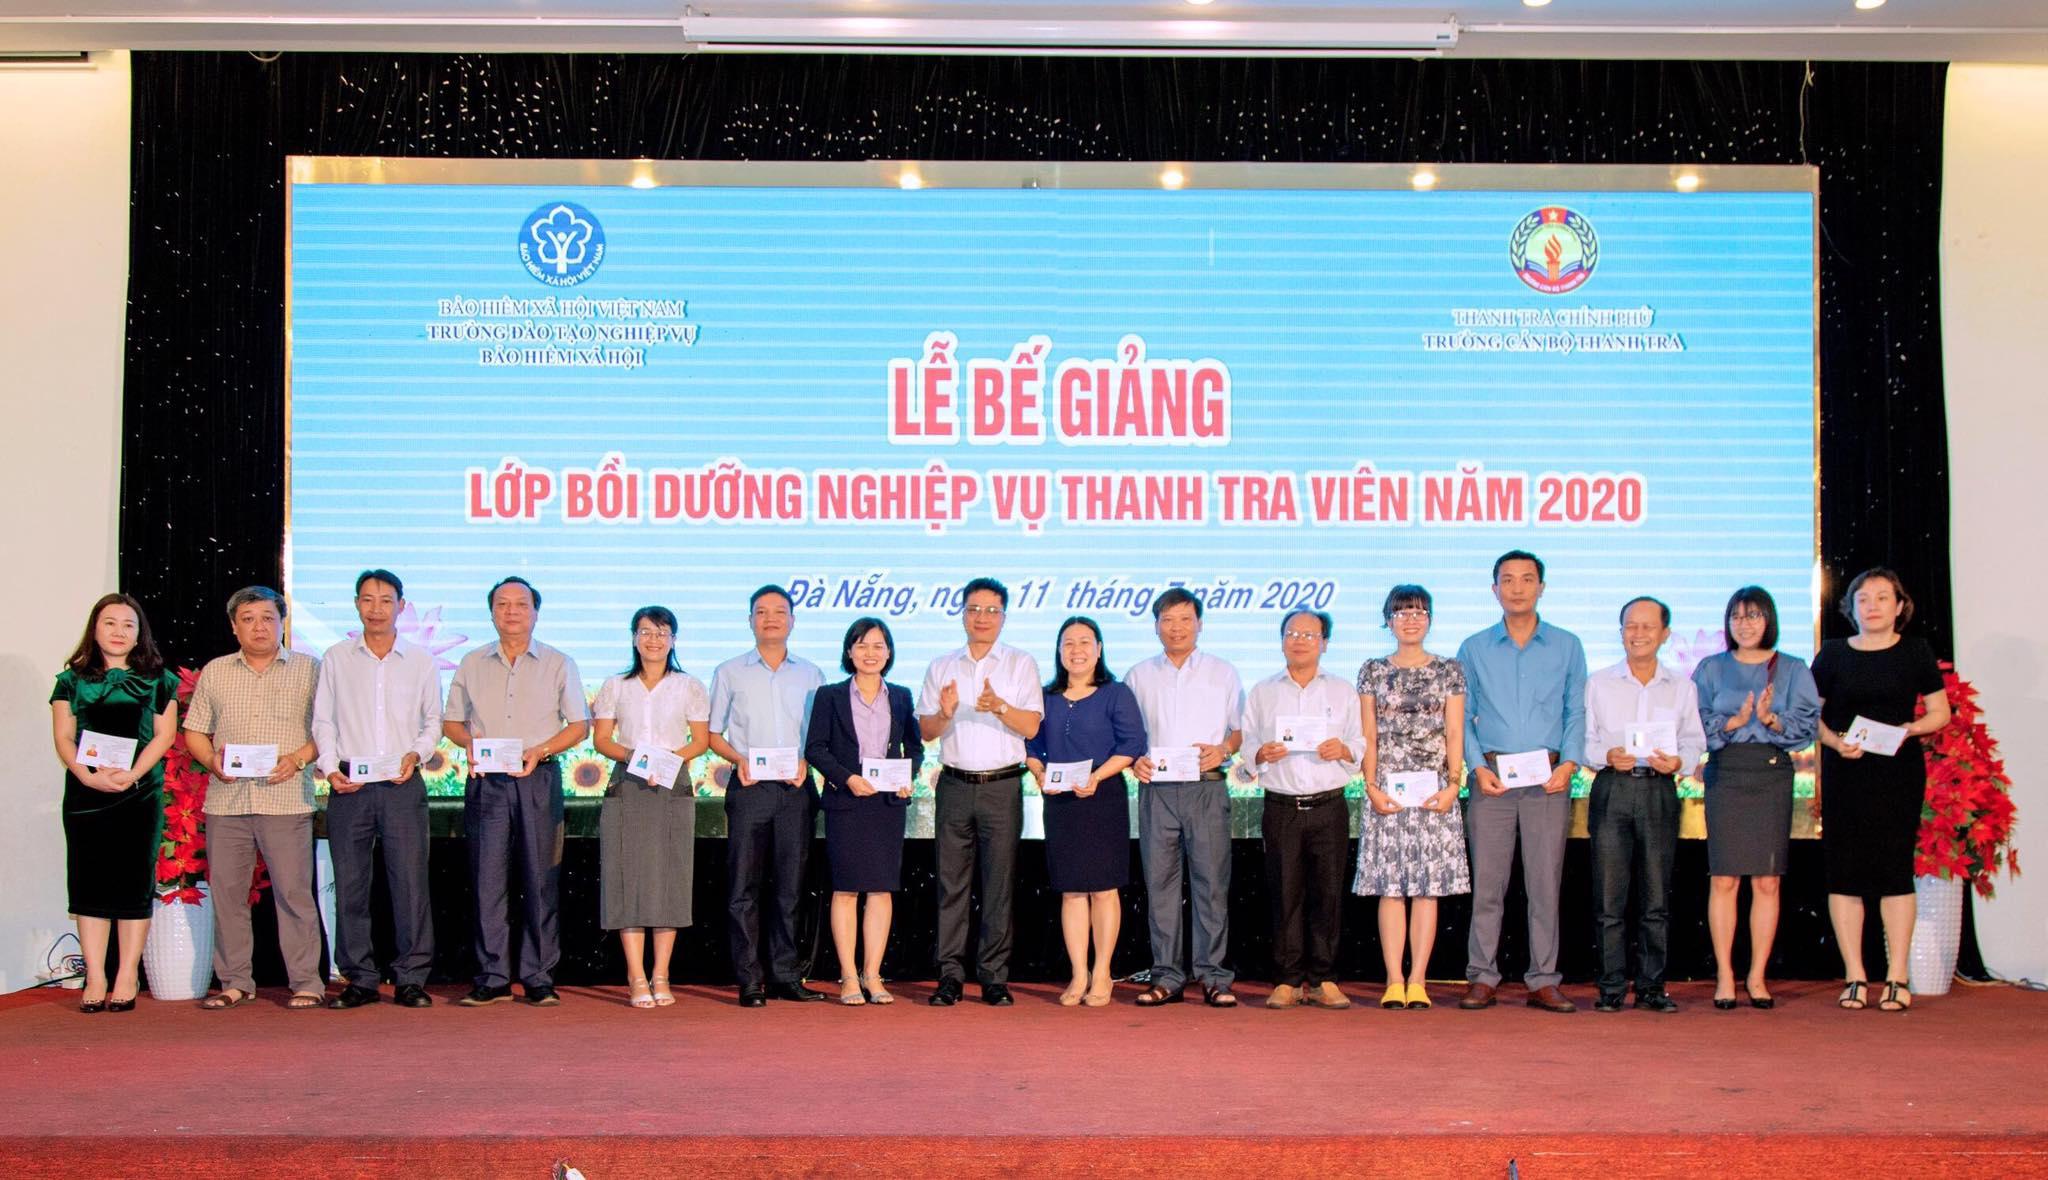 TS Trịnh Văn Toàn PHT trường Cán bộ Thanh tra trao chứng chỉ cho học viên